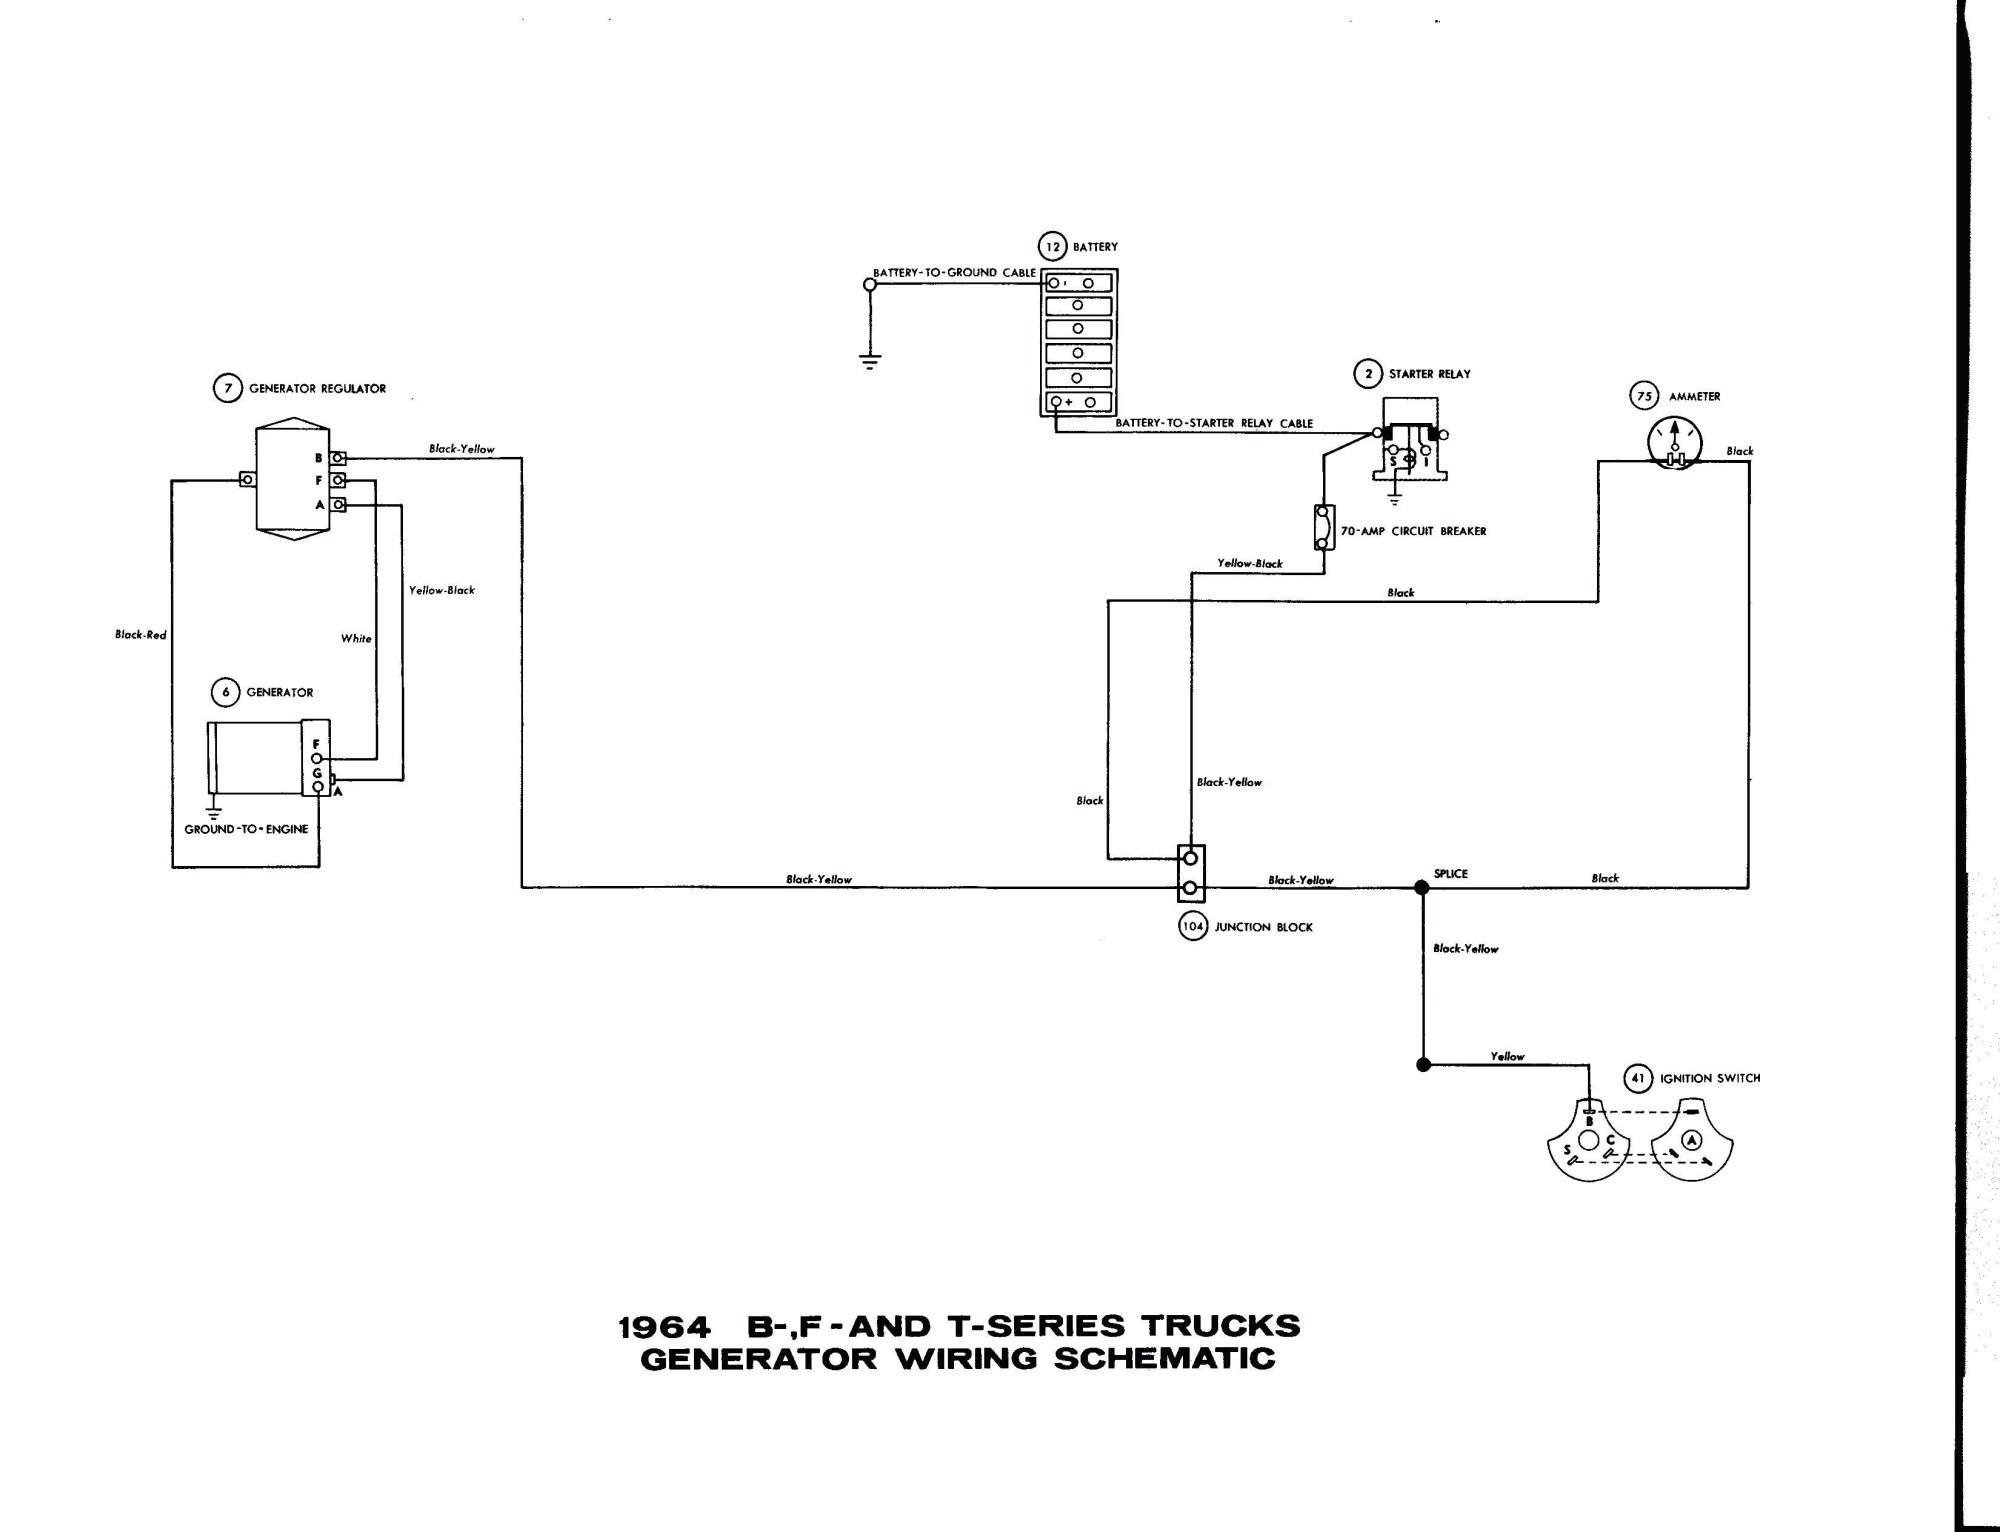 hight resolution of de walt dg6000 generator wiring diagram simple wirings de walt dg6000 generator parts de walt dg6000 generator wiring diagram